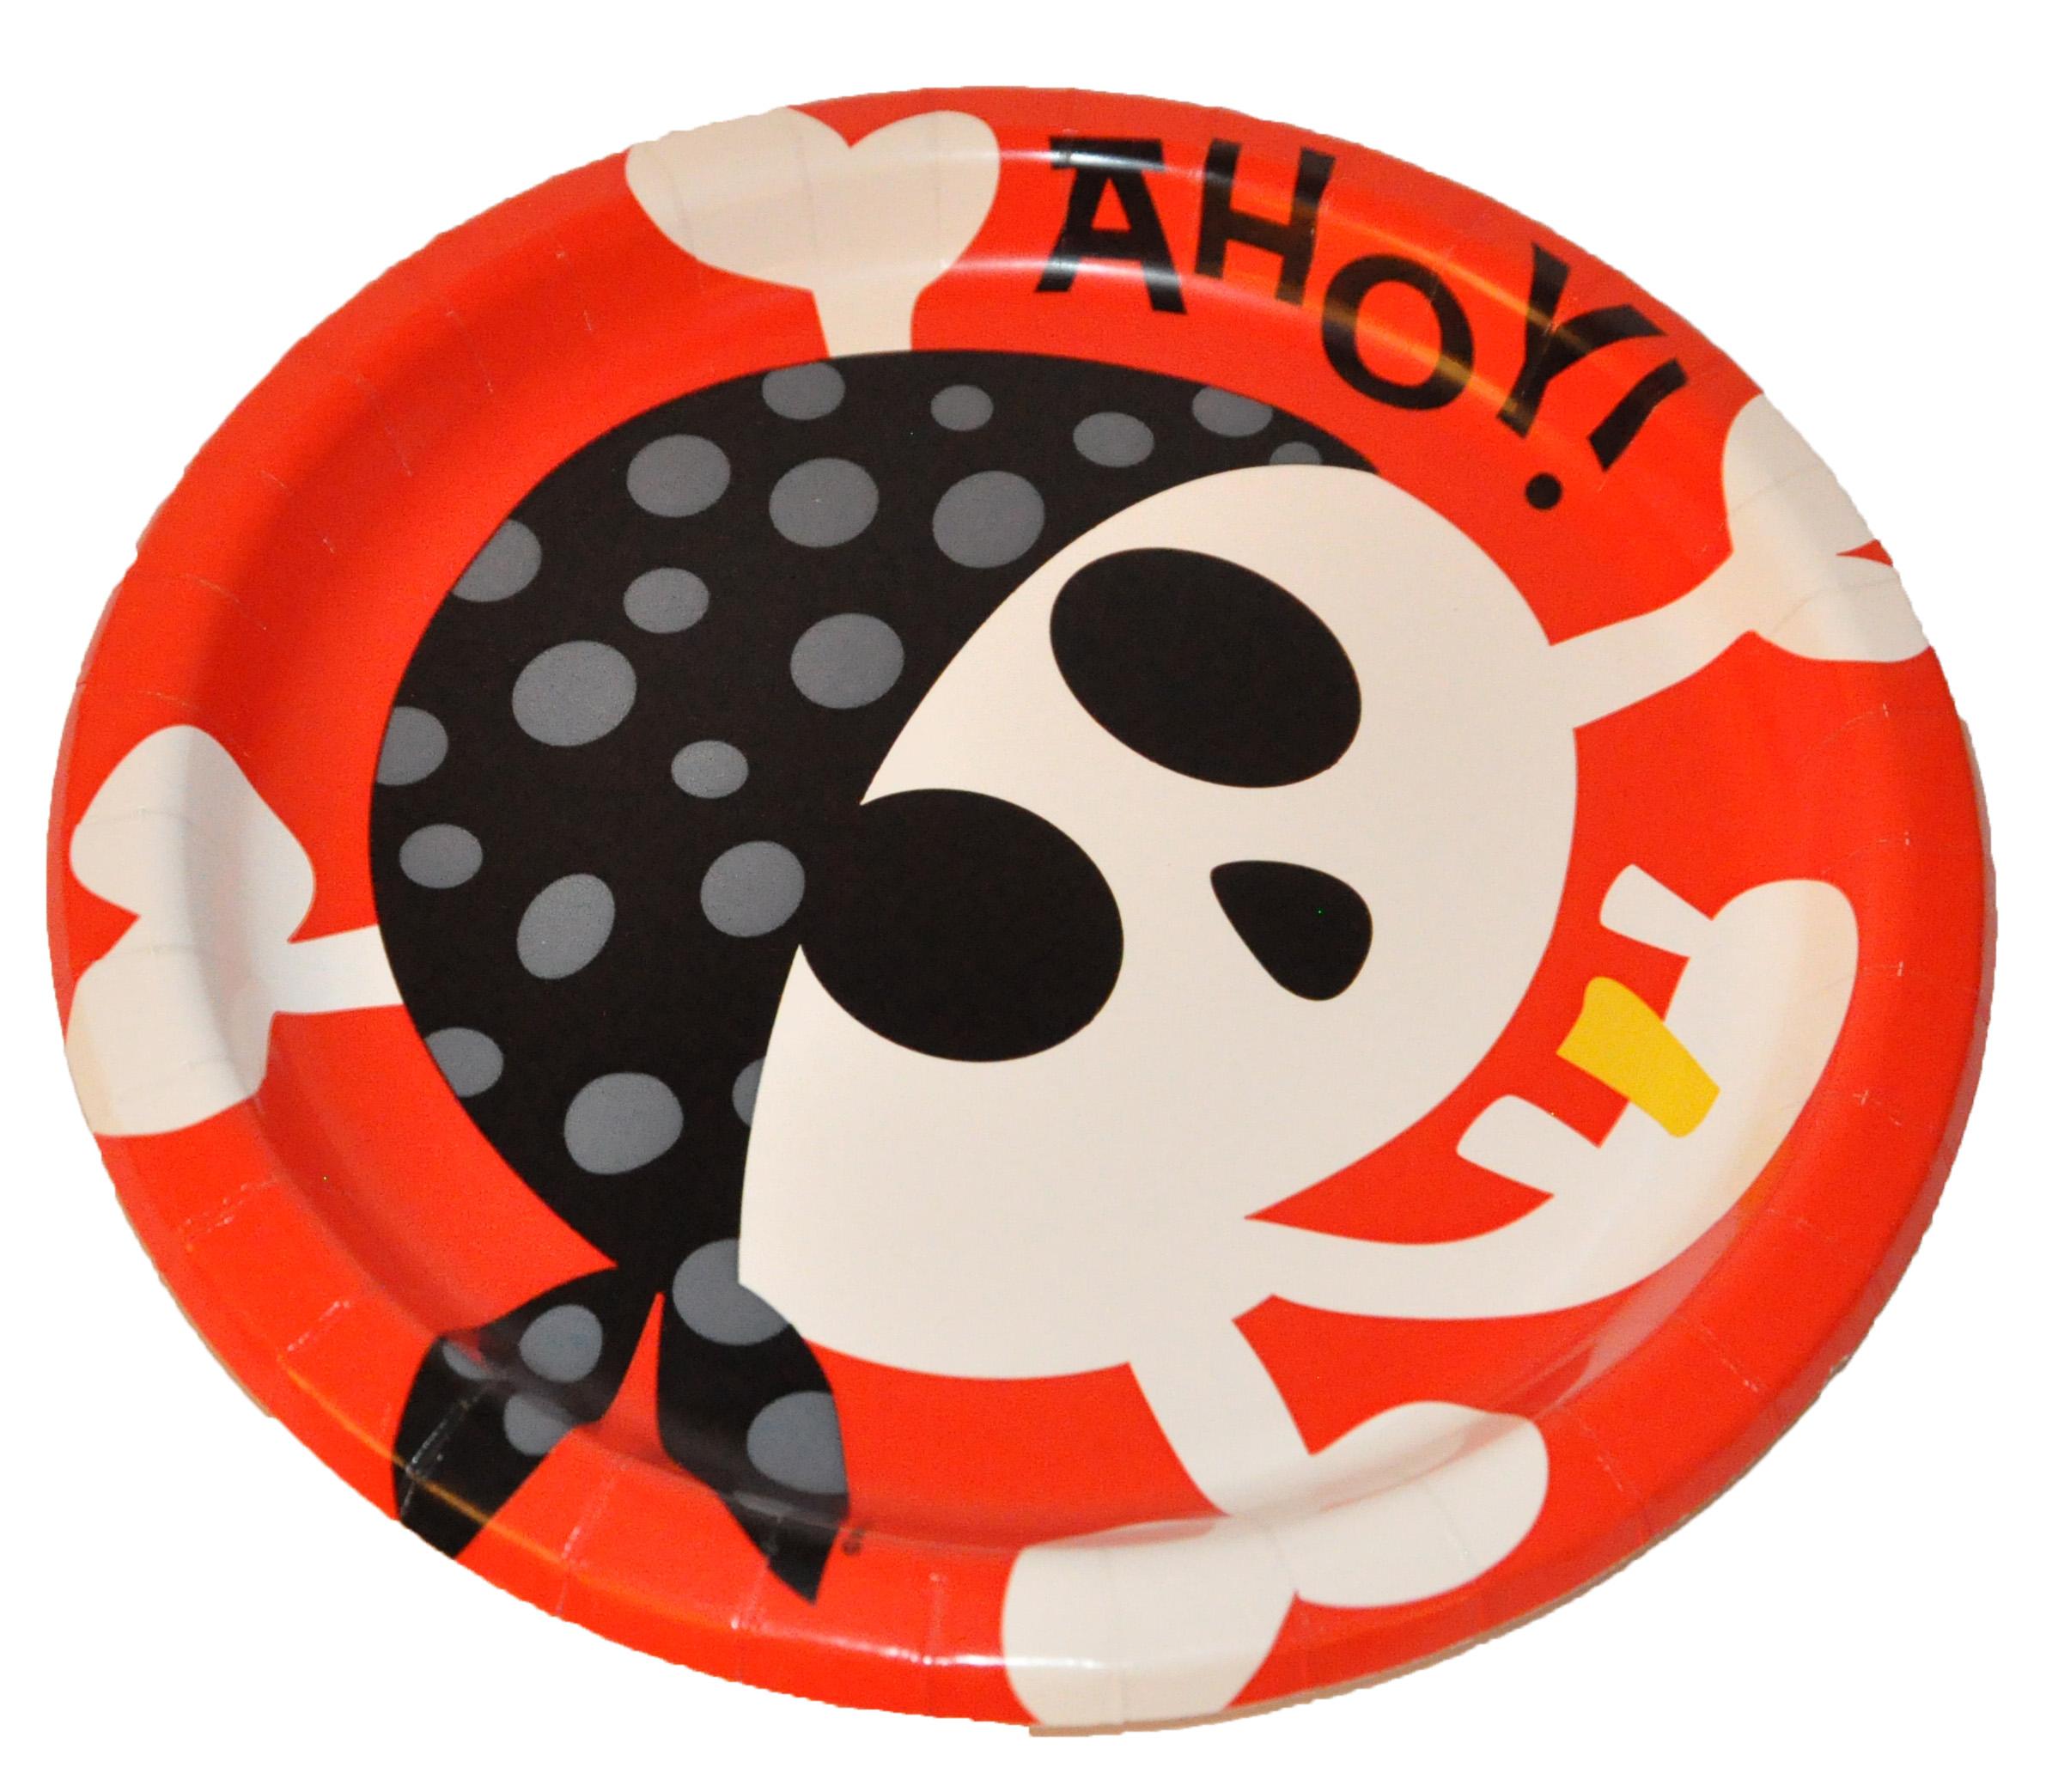 Pirate Plate